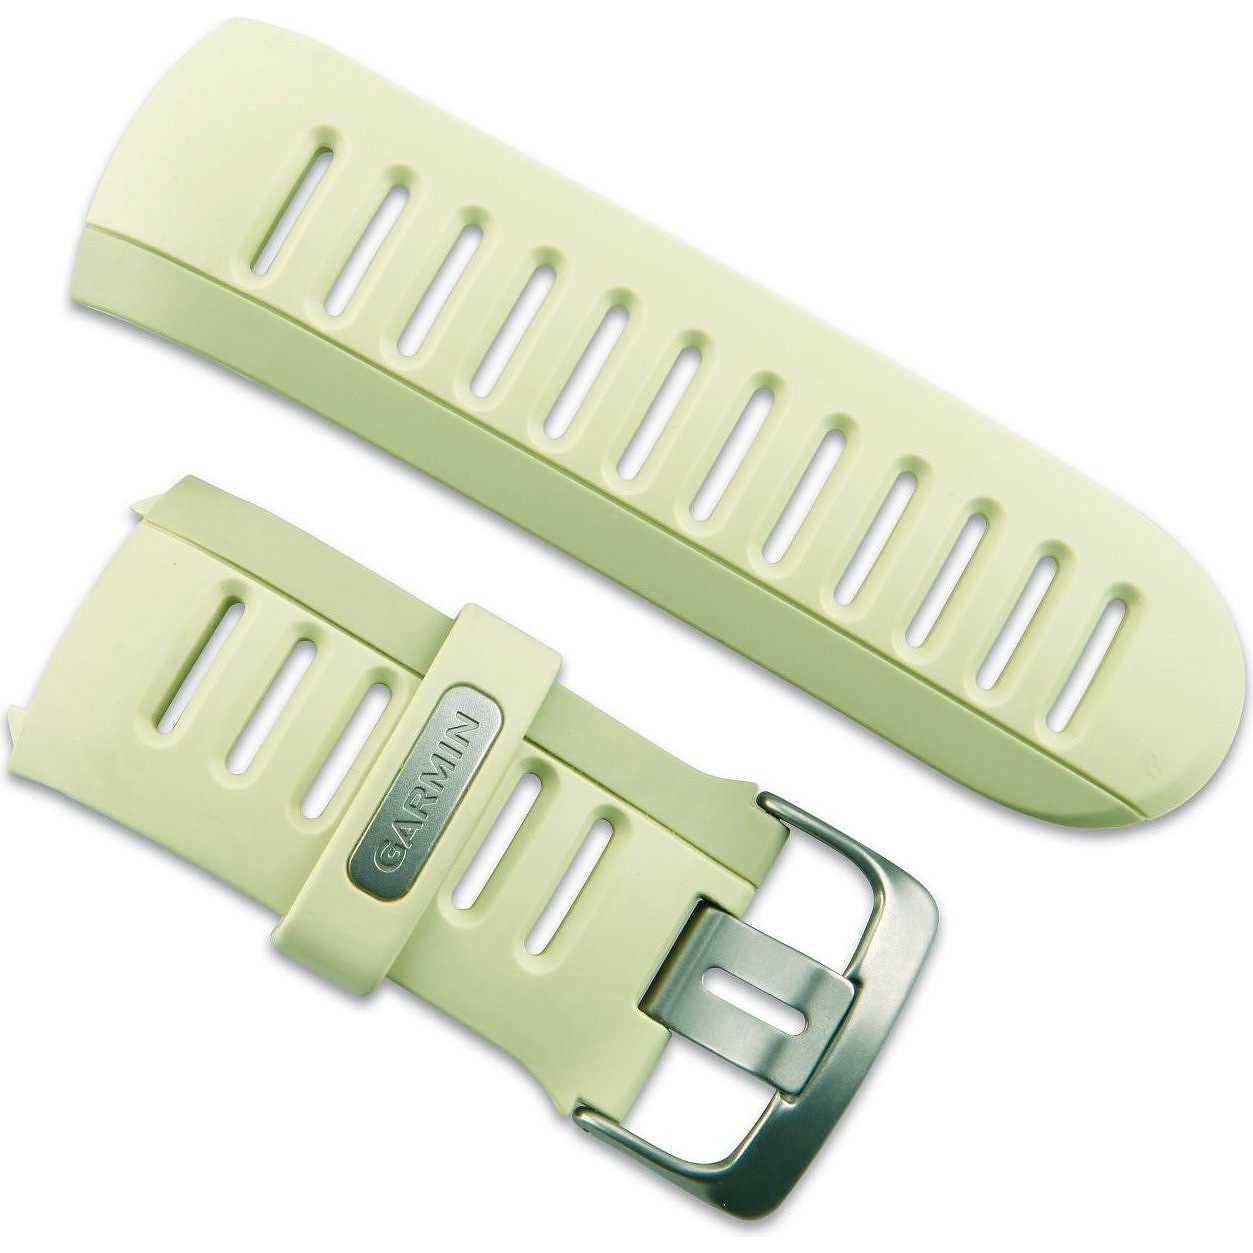 Řemínek náhradní pro Forerunner 405 (zelený)